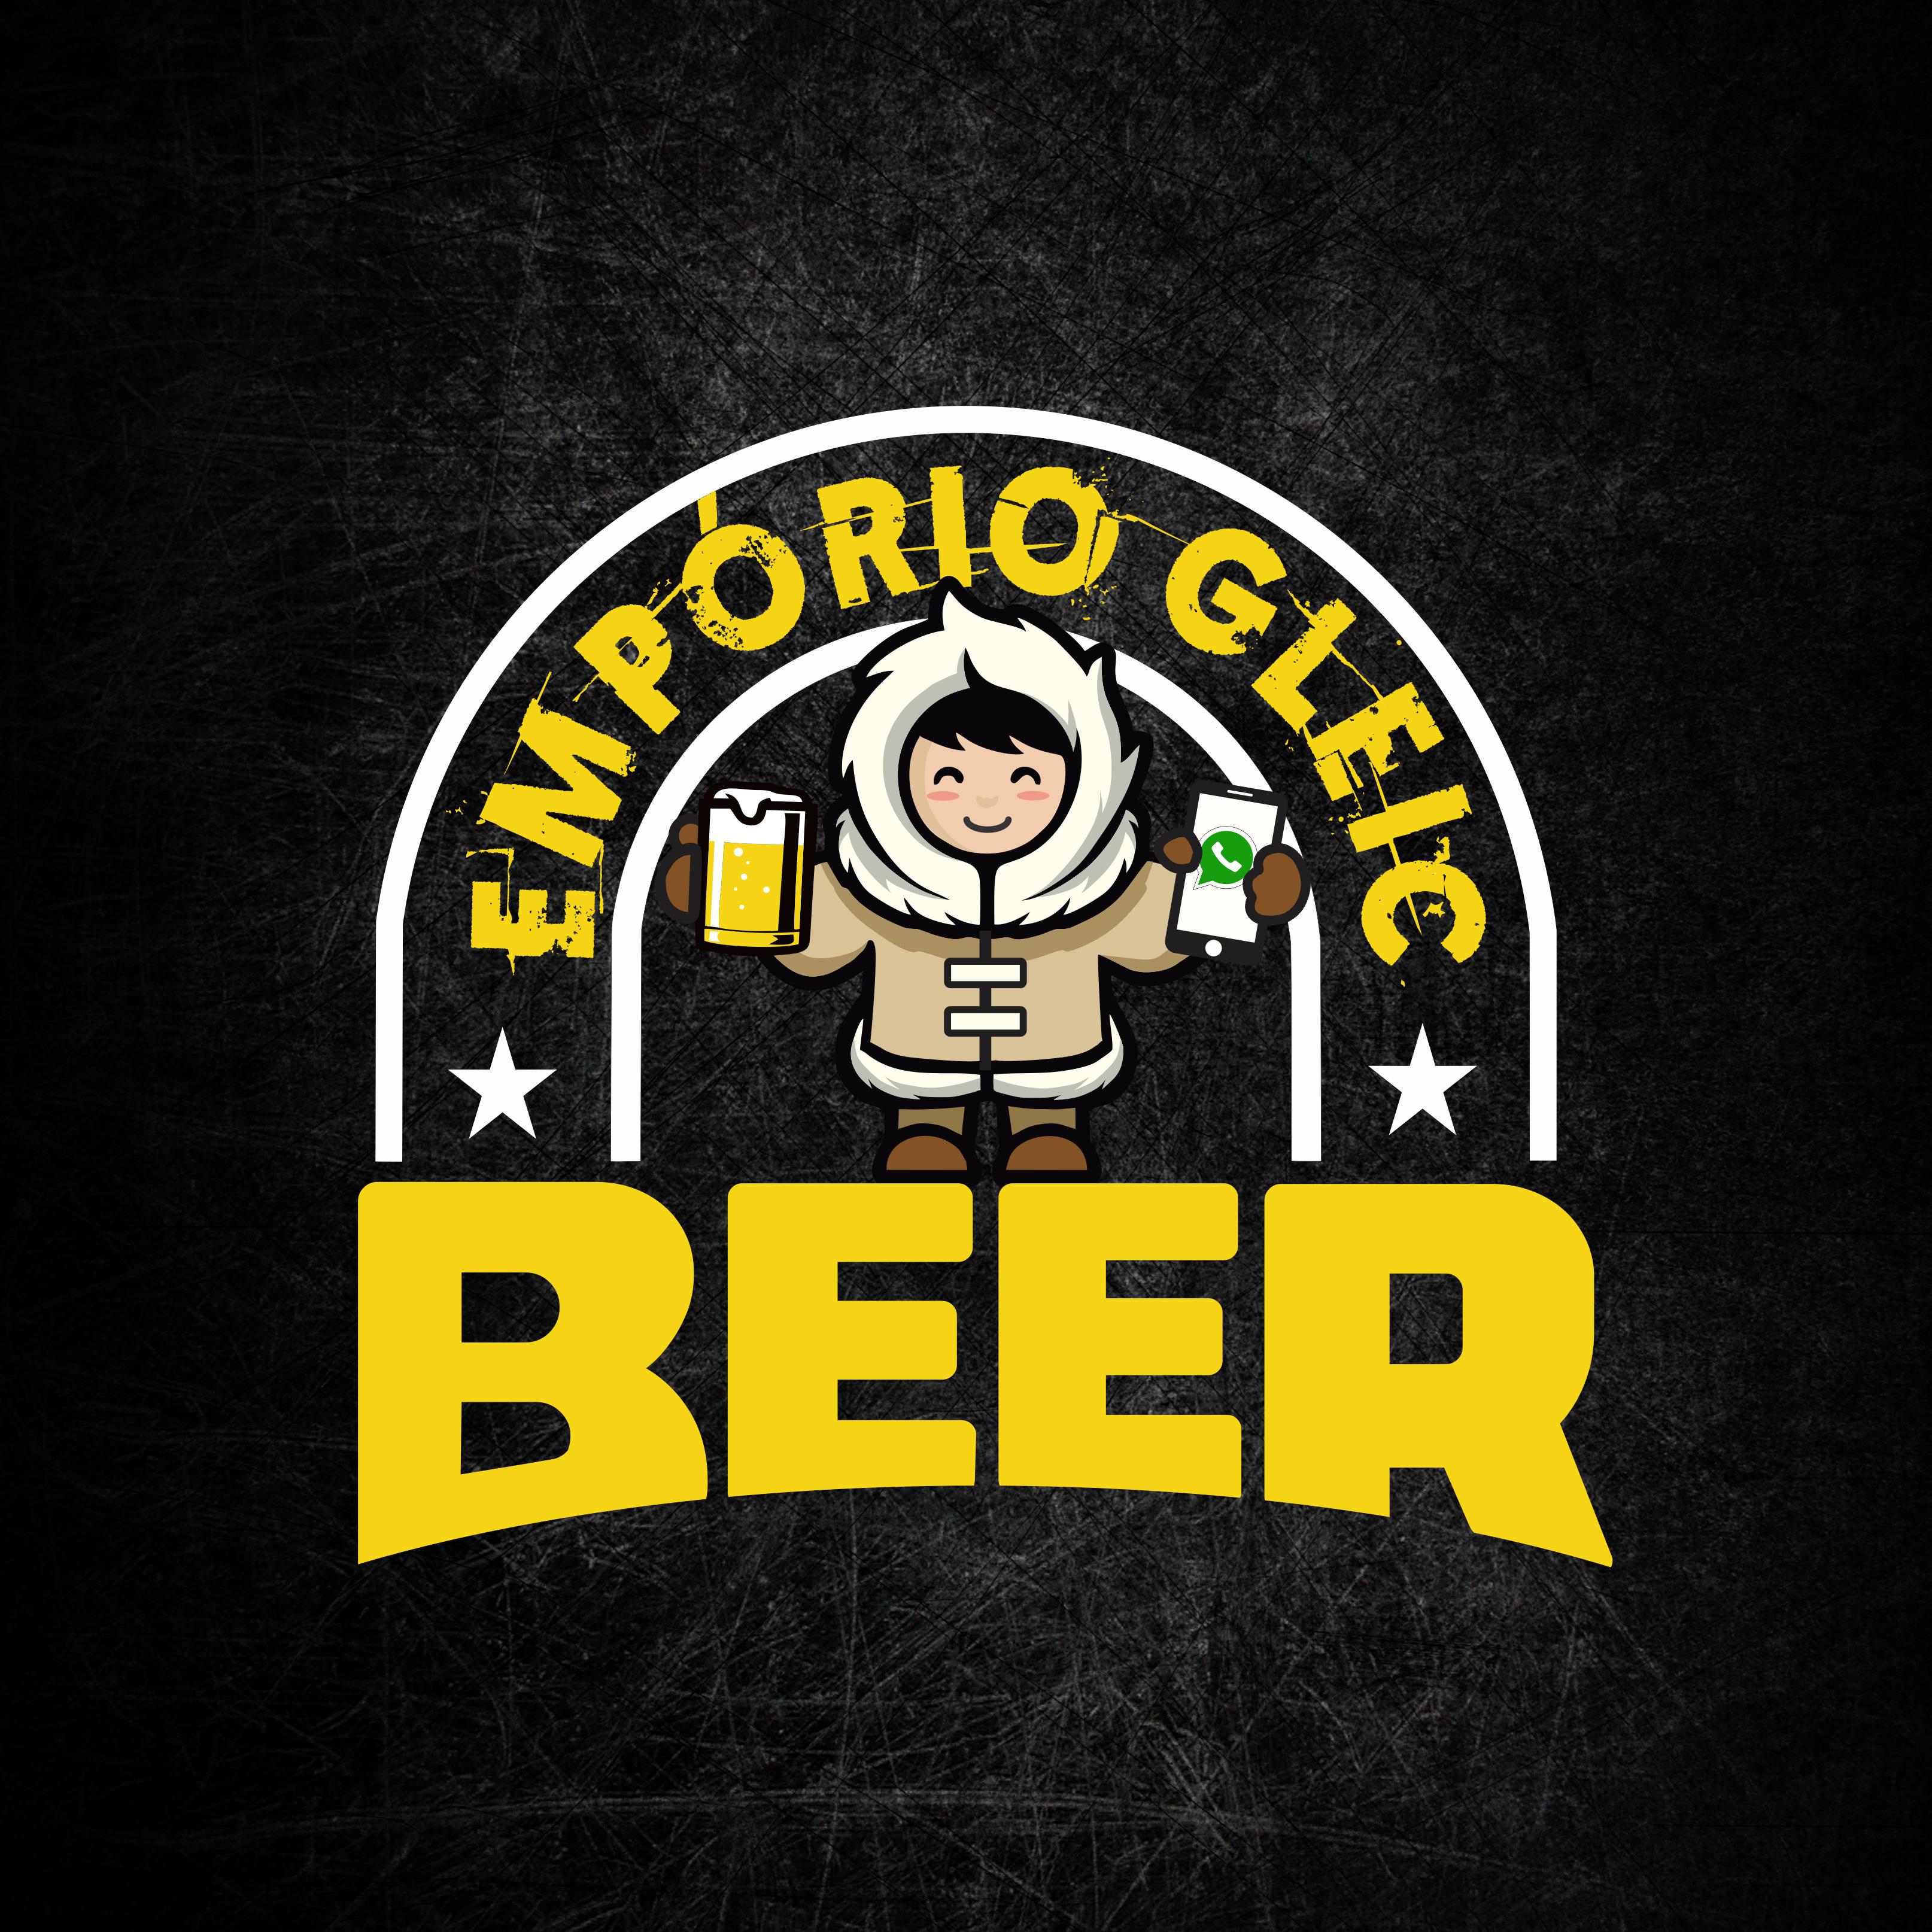 Empório Gleic Beer